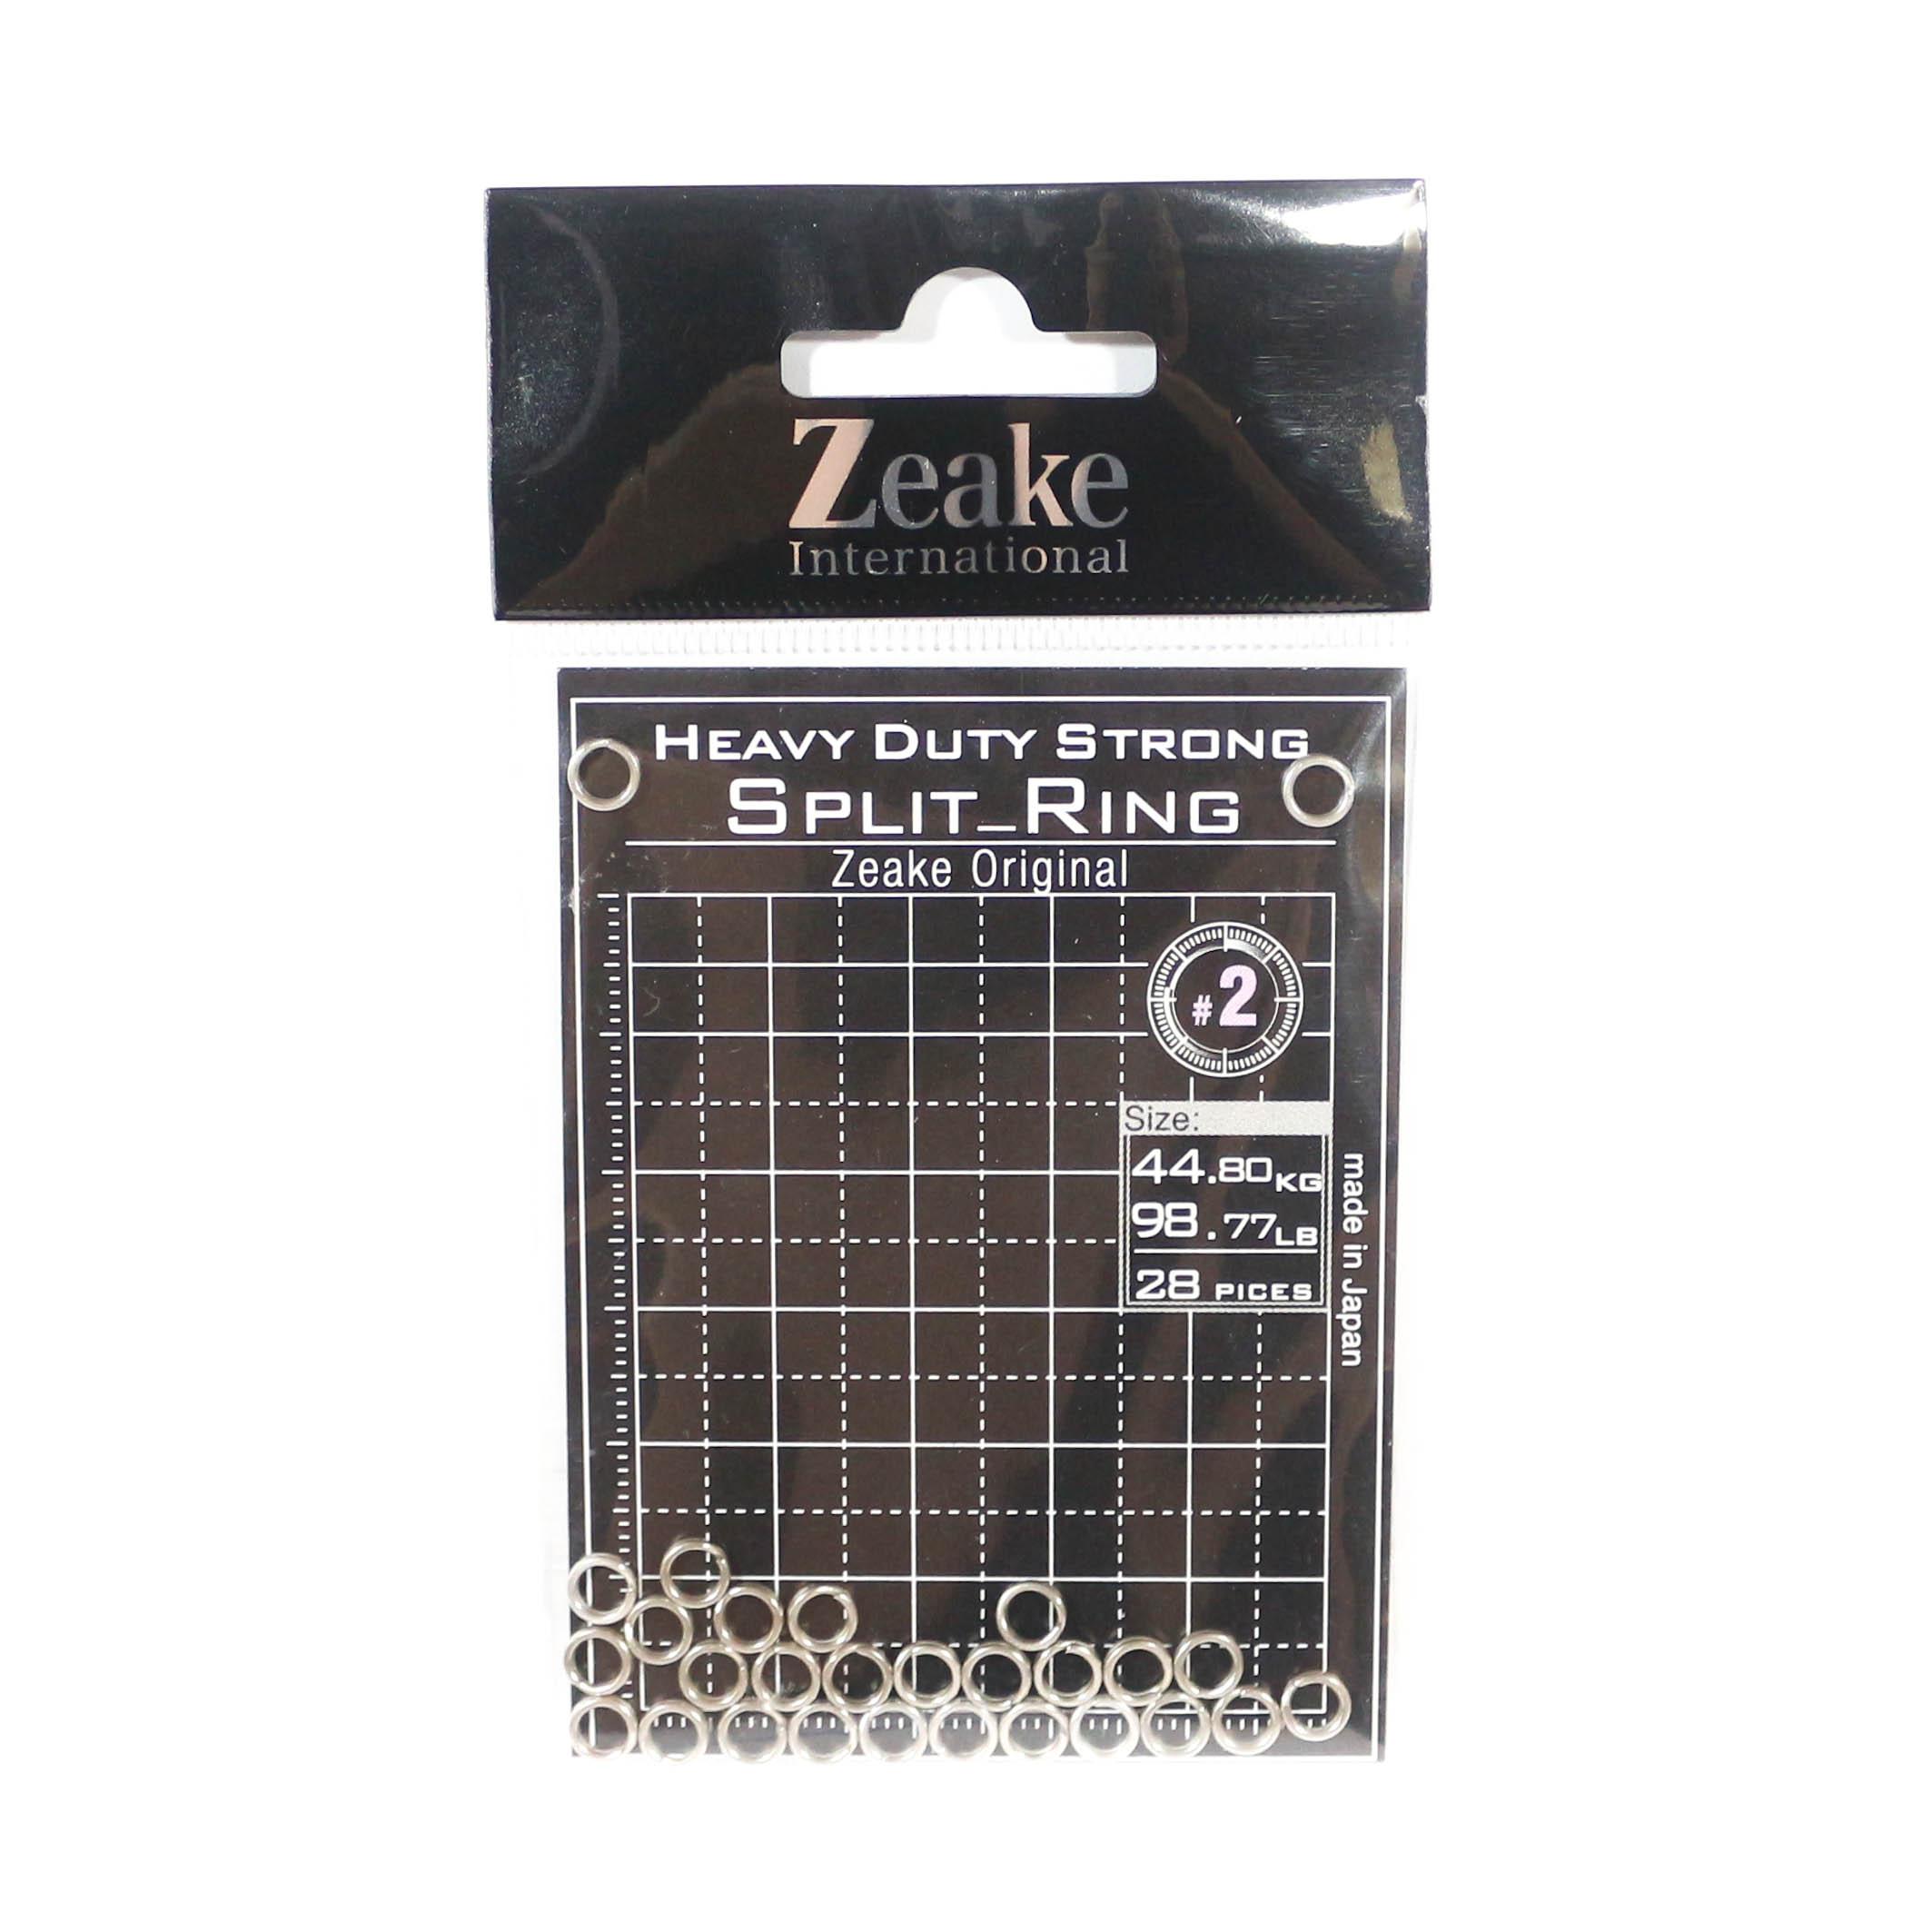 Zeake Split Rings Heavy Duty Size 2, 98.77lb - 28 rings 2 (3186)